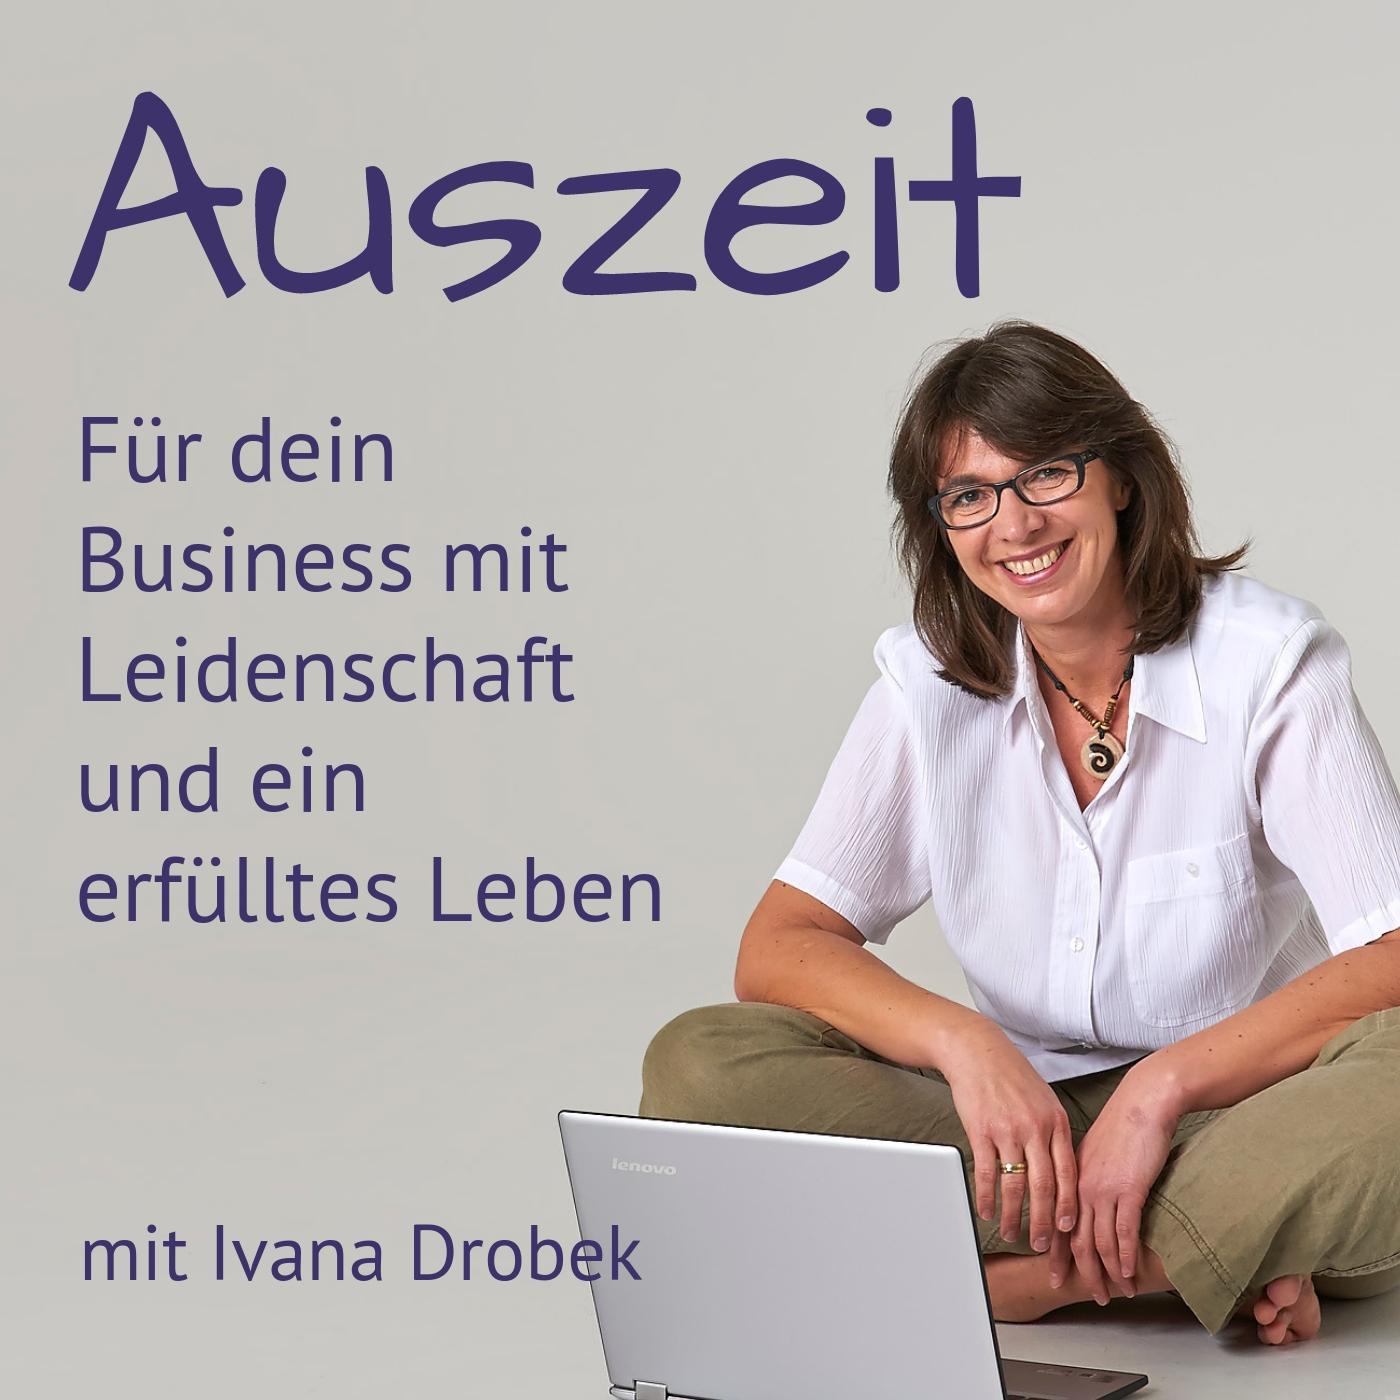 Auszeit - Der Podcast dein Business mit Leidenschaft und ein erfülltes Leben mit Ivana Drobek